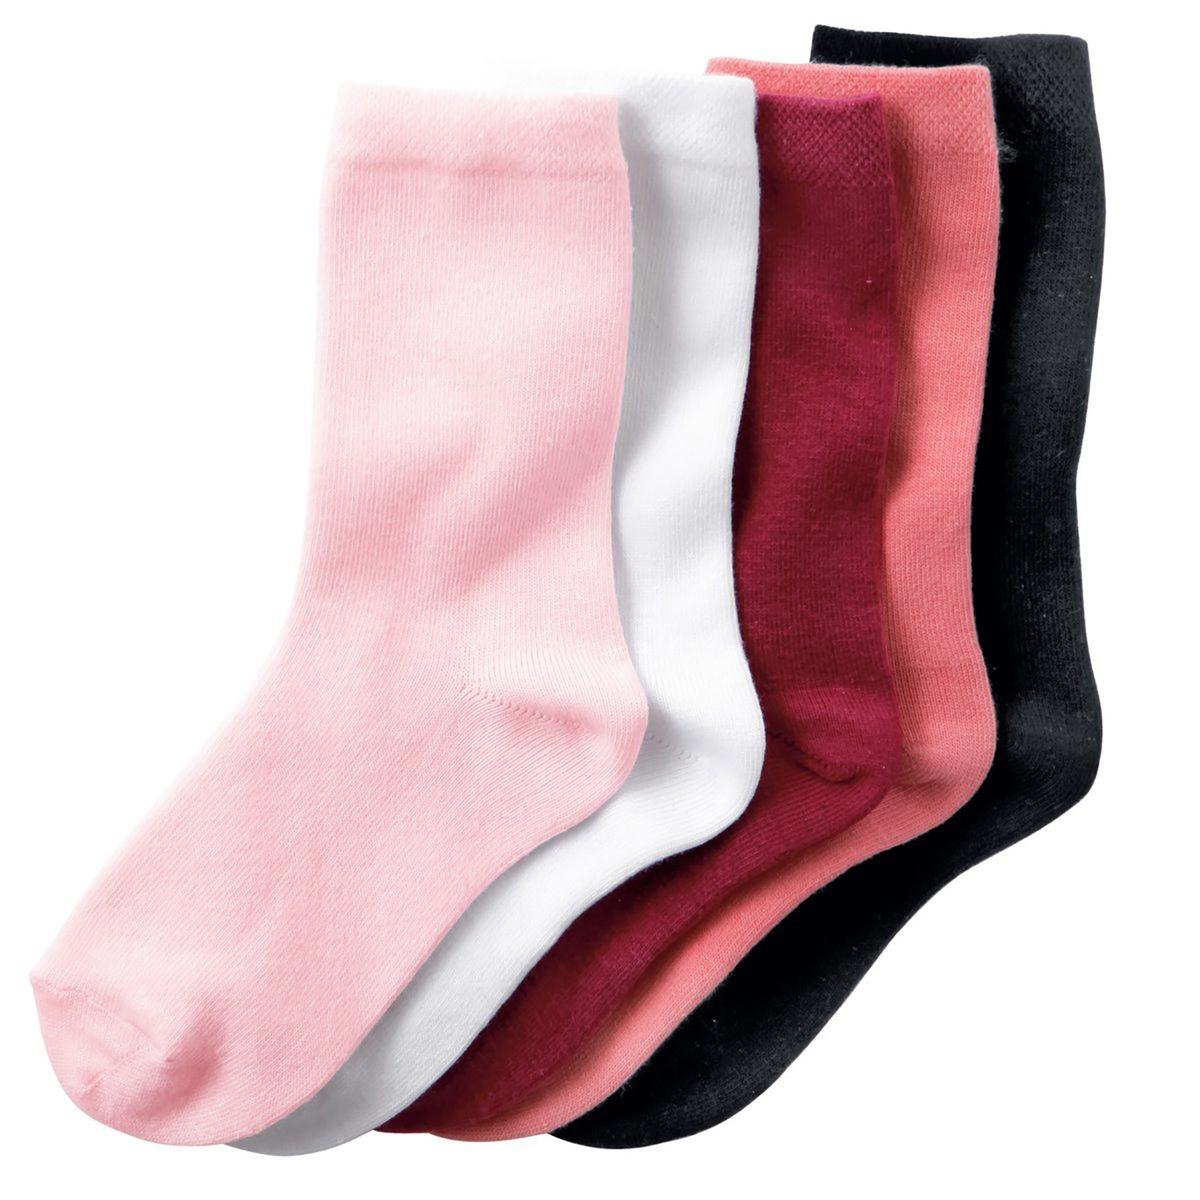 5 пар низких носковНизкие носки однотонные. В комплекте 5 пар носков.Состав и описание : Материал       78% хлопка, 20% полиамида, 2% эластанаМарка       R ?ditionХарактеристикиУход :Машинная стирка при 30°C с вещами подобных цветов.Стирать, предварительно вывернув наизнанку.Машинная сушка запрещена.Не гладить.<br><br>Цвет: белый + розовый + черный<br>Размер: 35/38.23/26.31/34.27/30.19/22